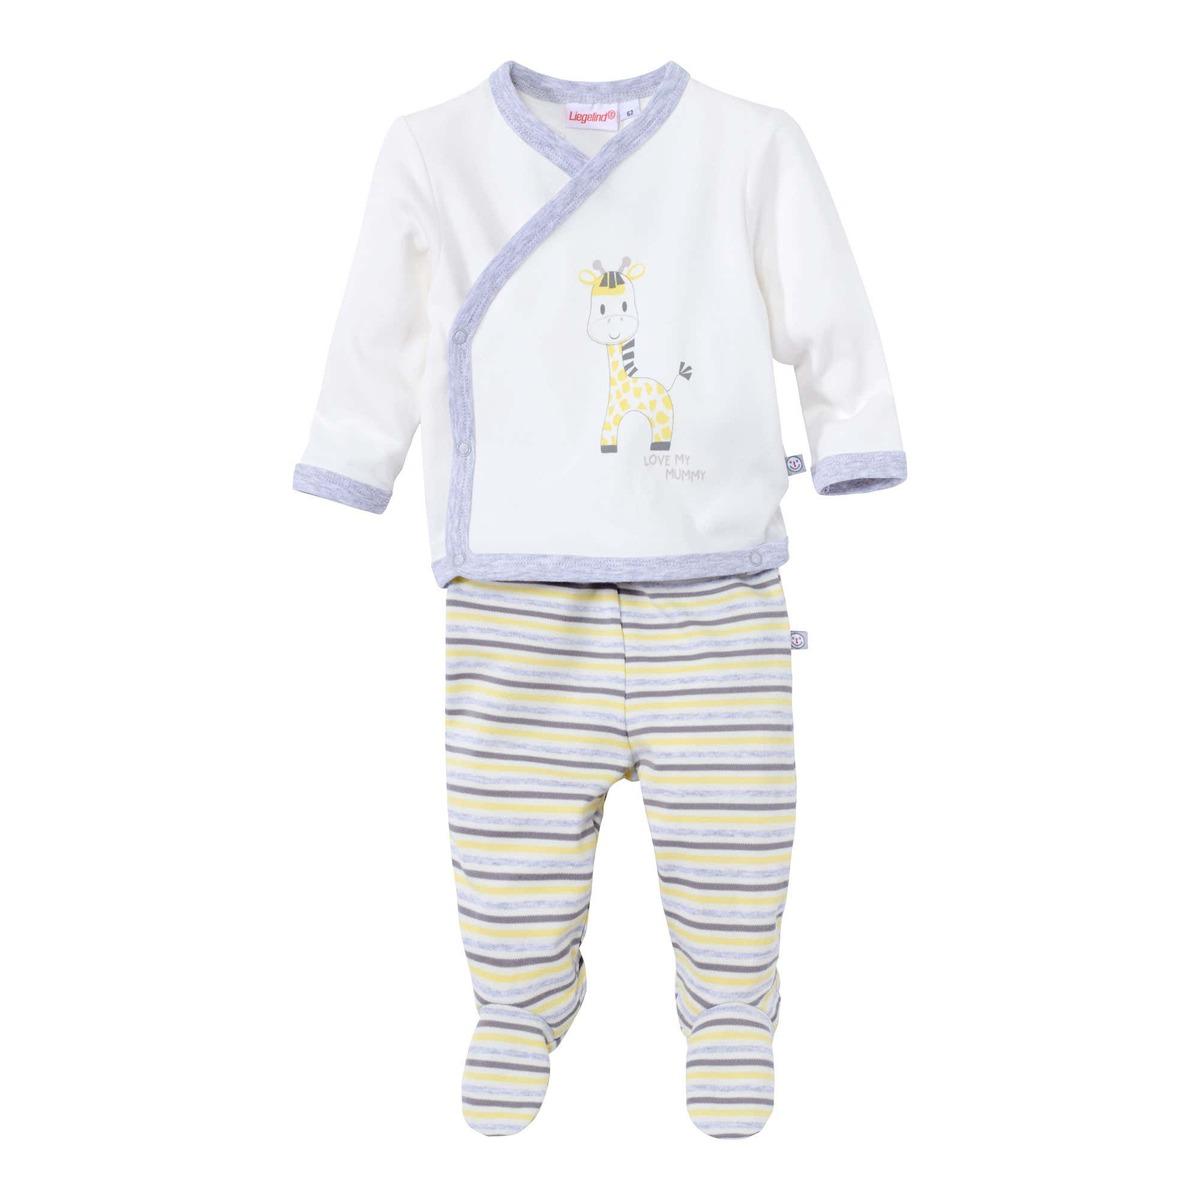 Bild 4 von Baby-Newborn-Set mit Giraffe